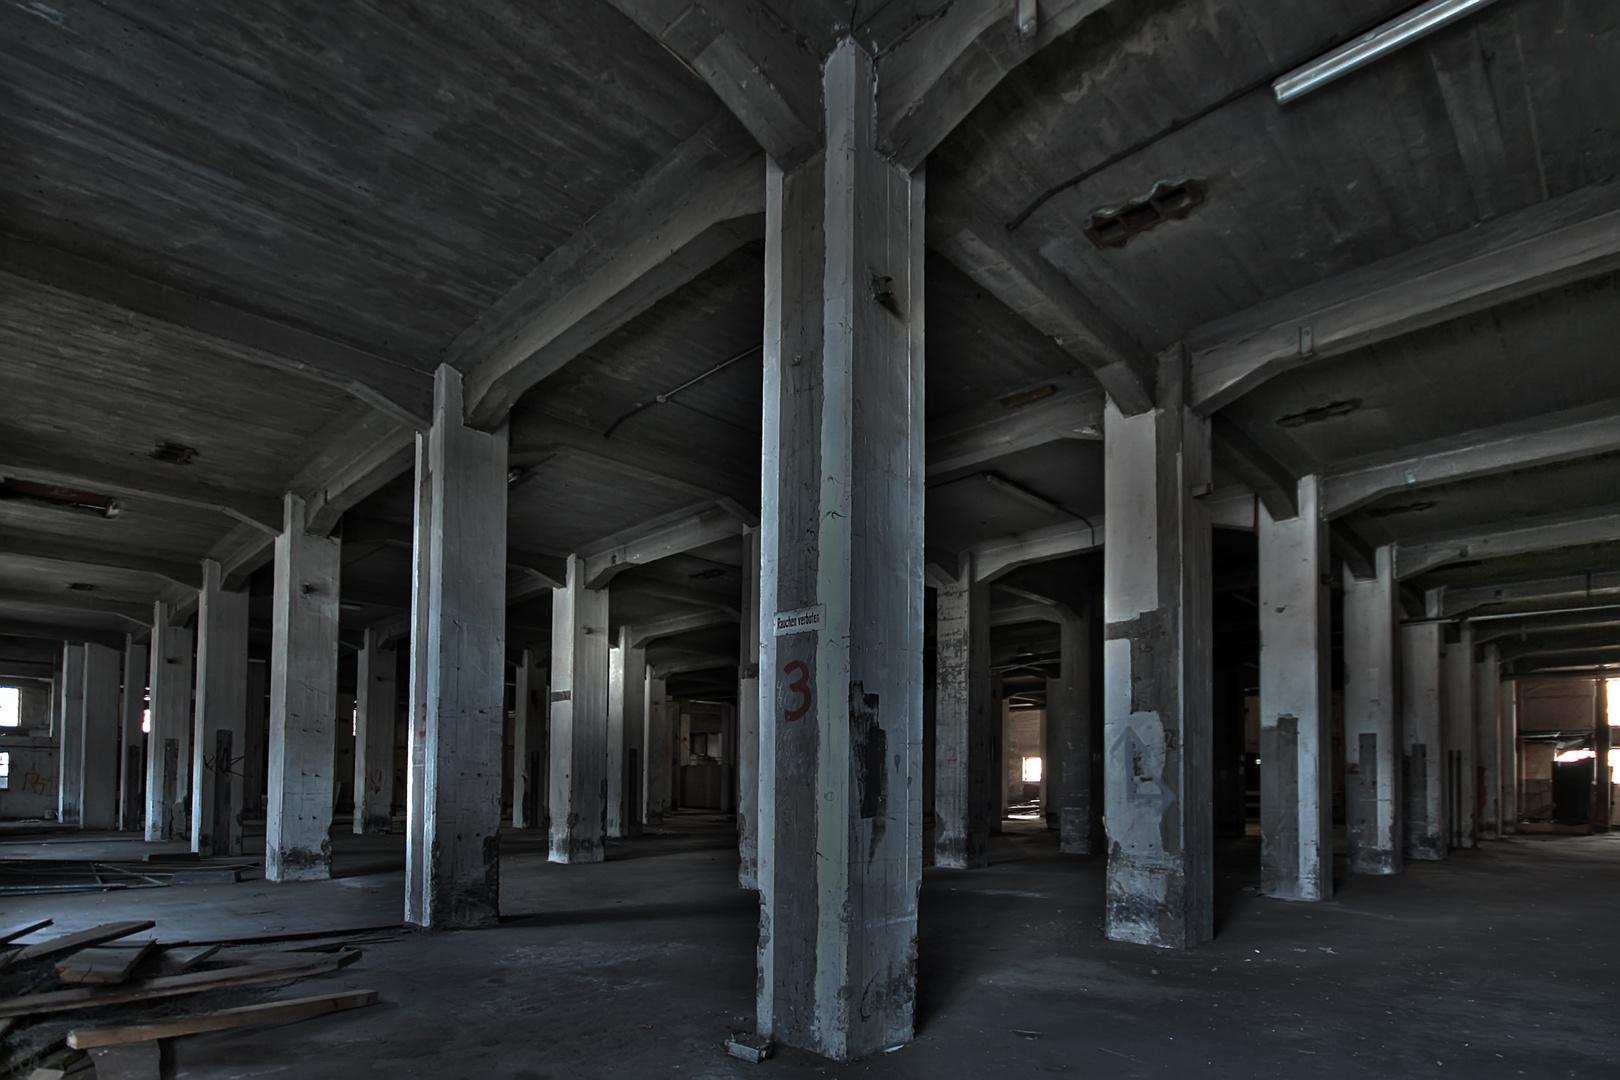 Innenhafen Duisburg Bild 4